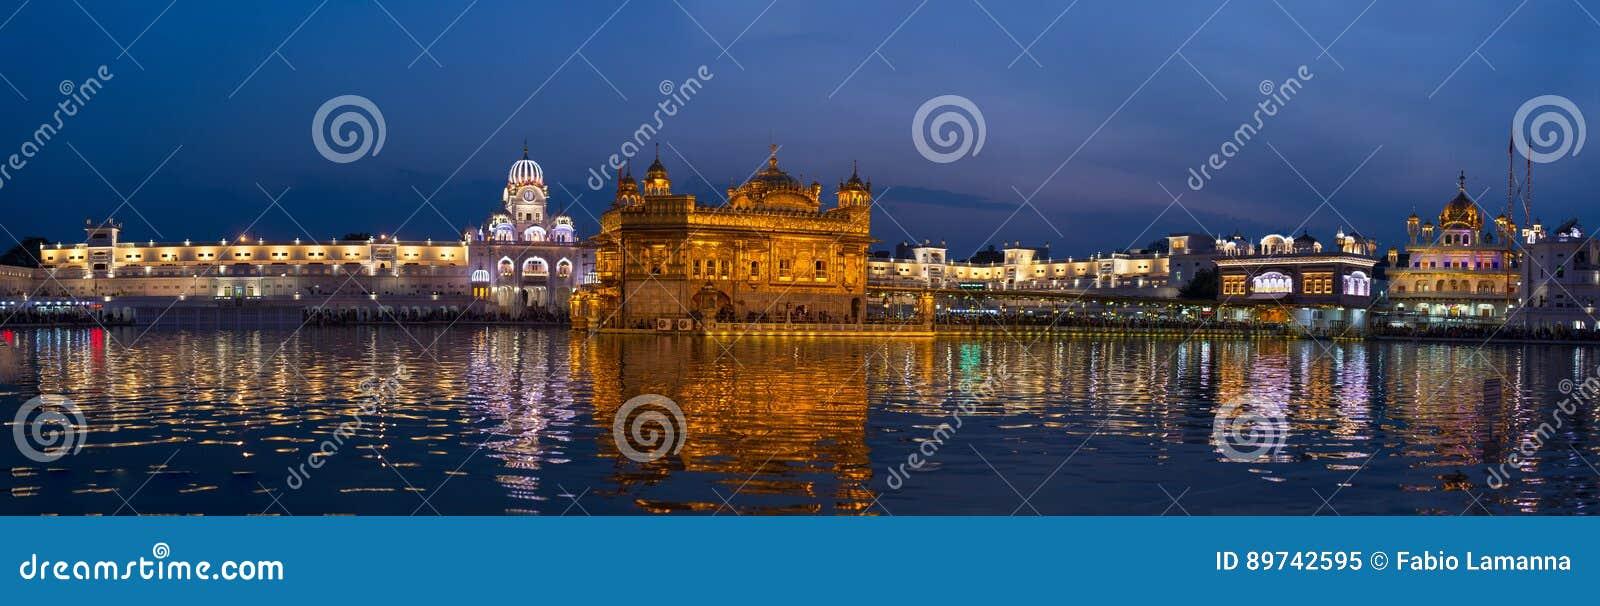 De Gouden Tempel op Amritsar, Punjab, India, het heiligste pictogram en de vereringsplaats van Sikh godsdienst Verlicht in de nac